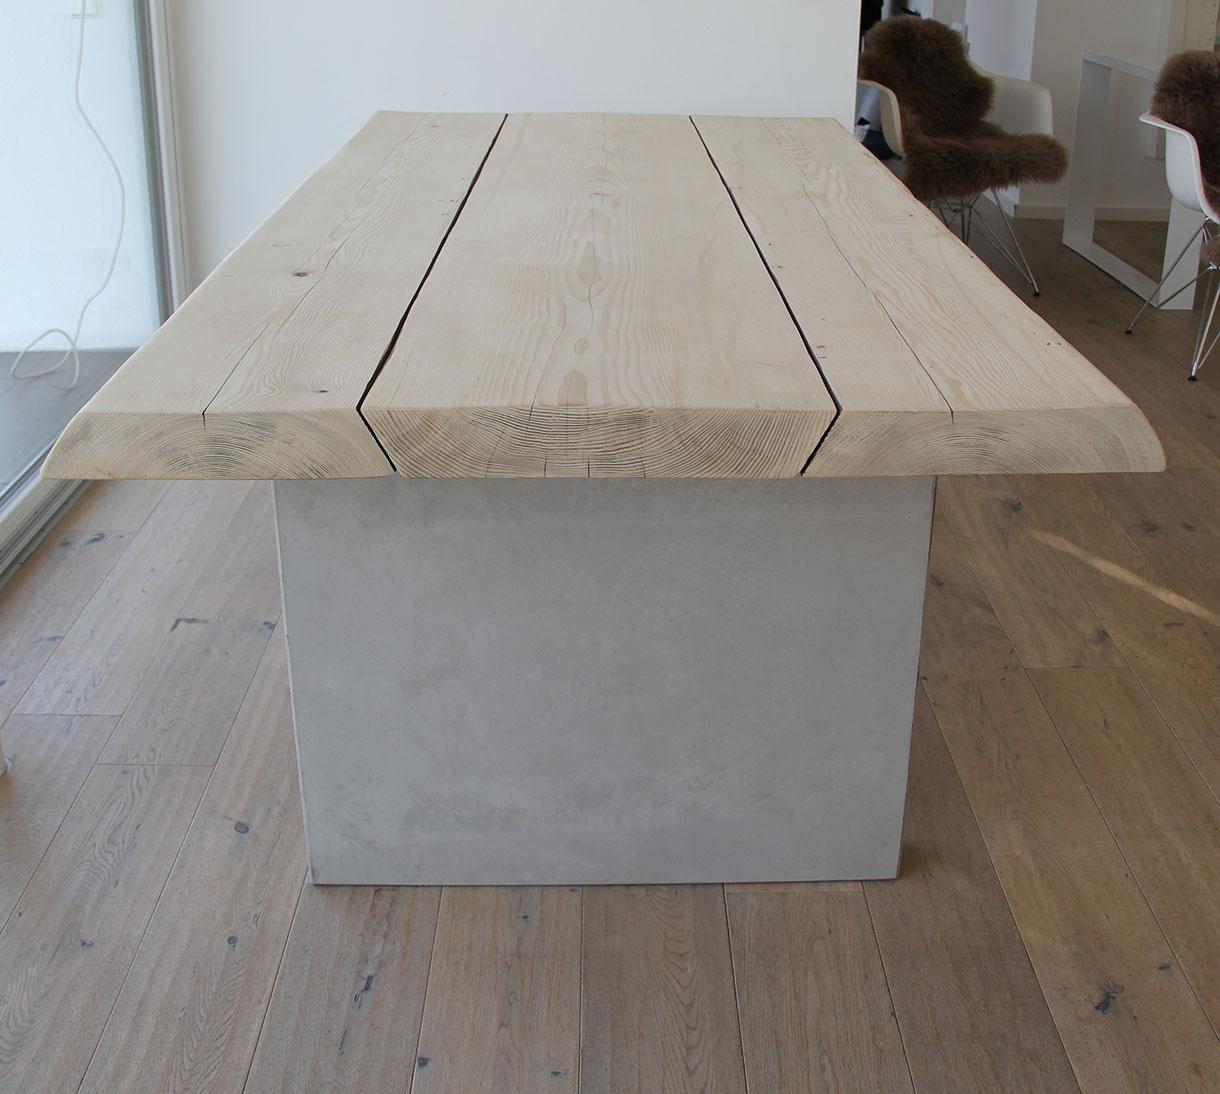 Masstisch Beton Spachtelbeton Esstisch Schreibtisch Betonboden Gussboden fugenlos Treppe grau Küche Bad Badezimmer Wohnzimmer Möbel mainTisch mainBeton mainGrill 6